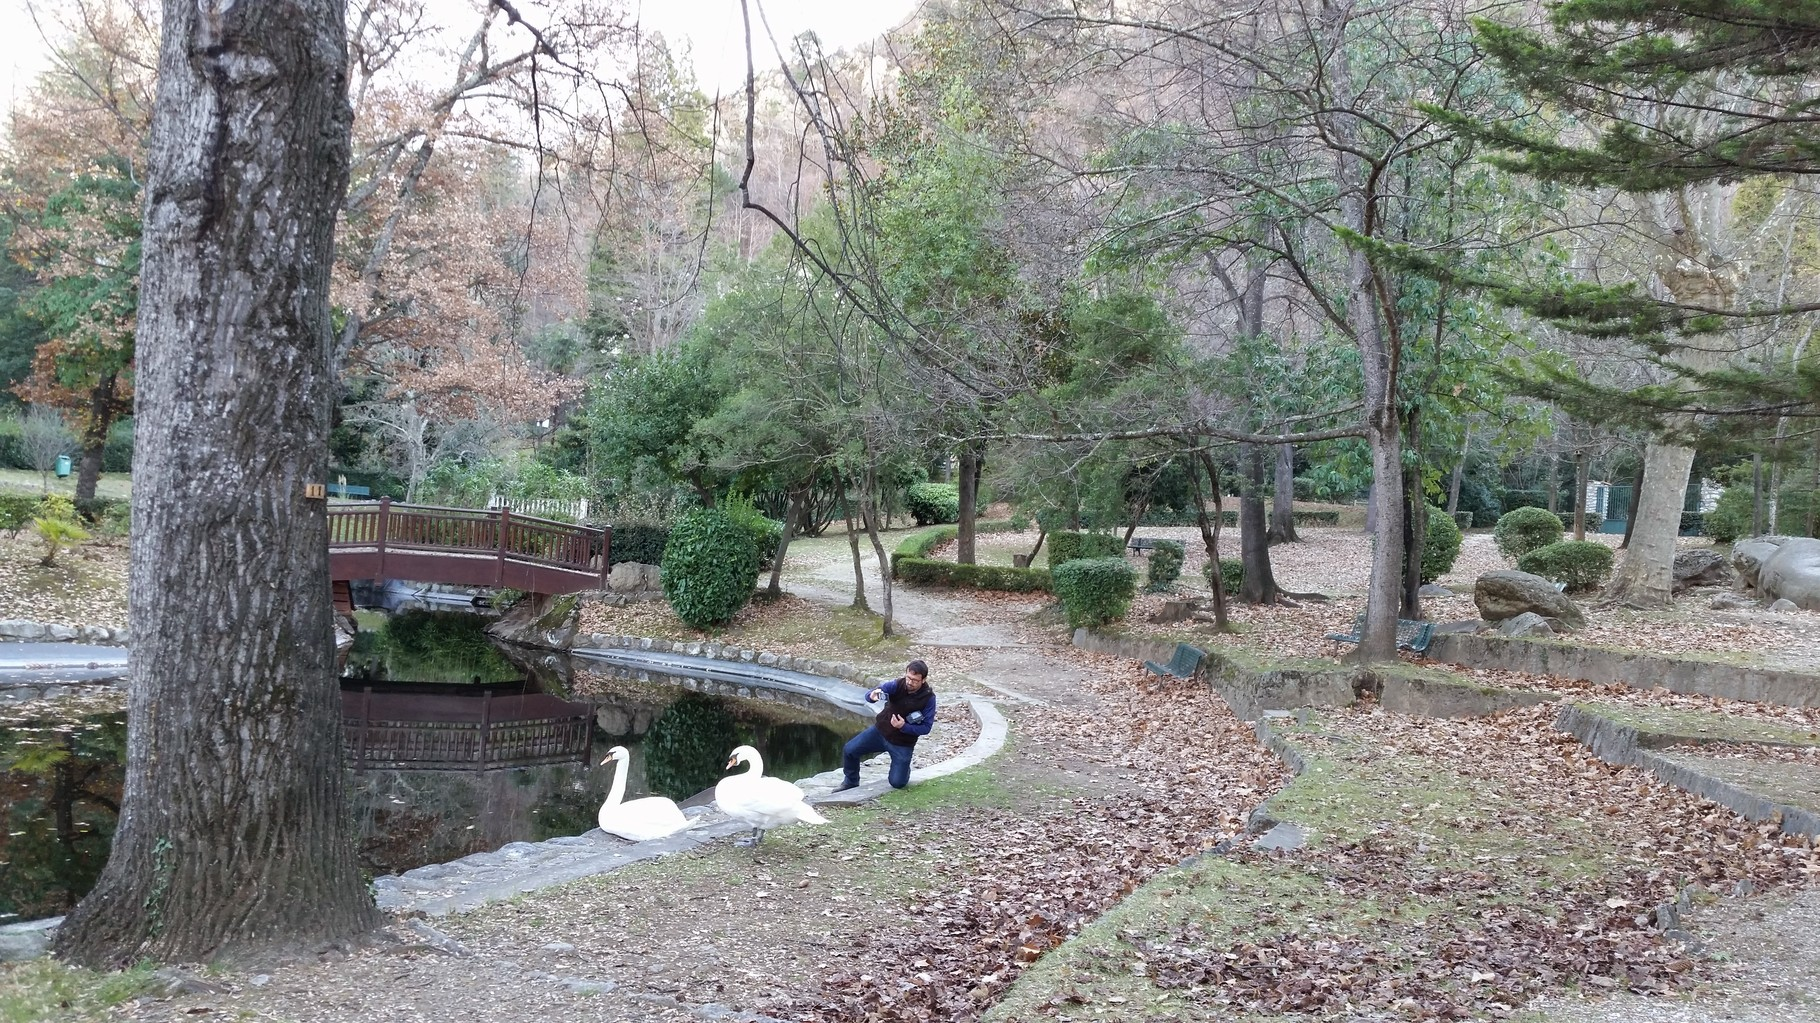 le parc Charles Trénet (150 mètres), beau et reposant